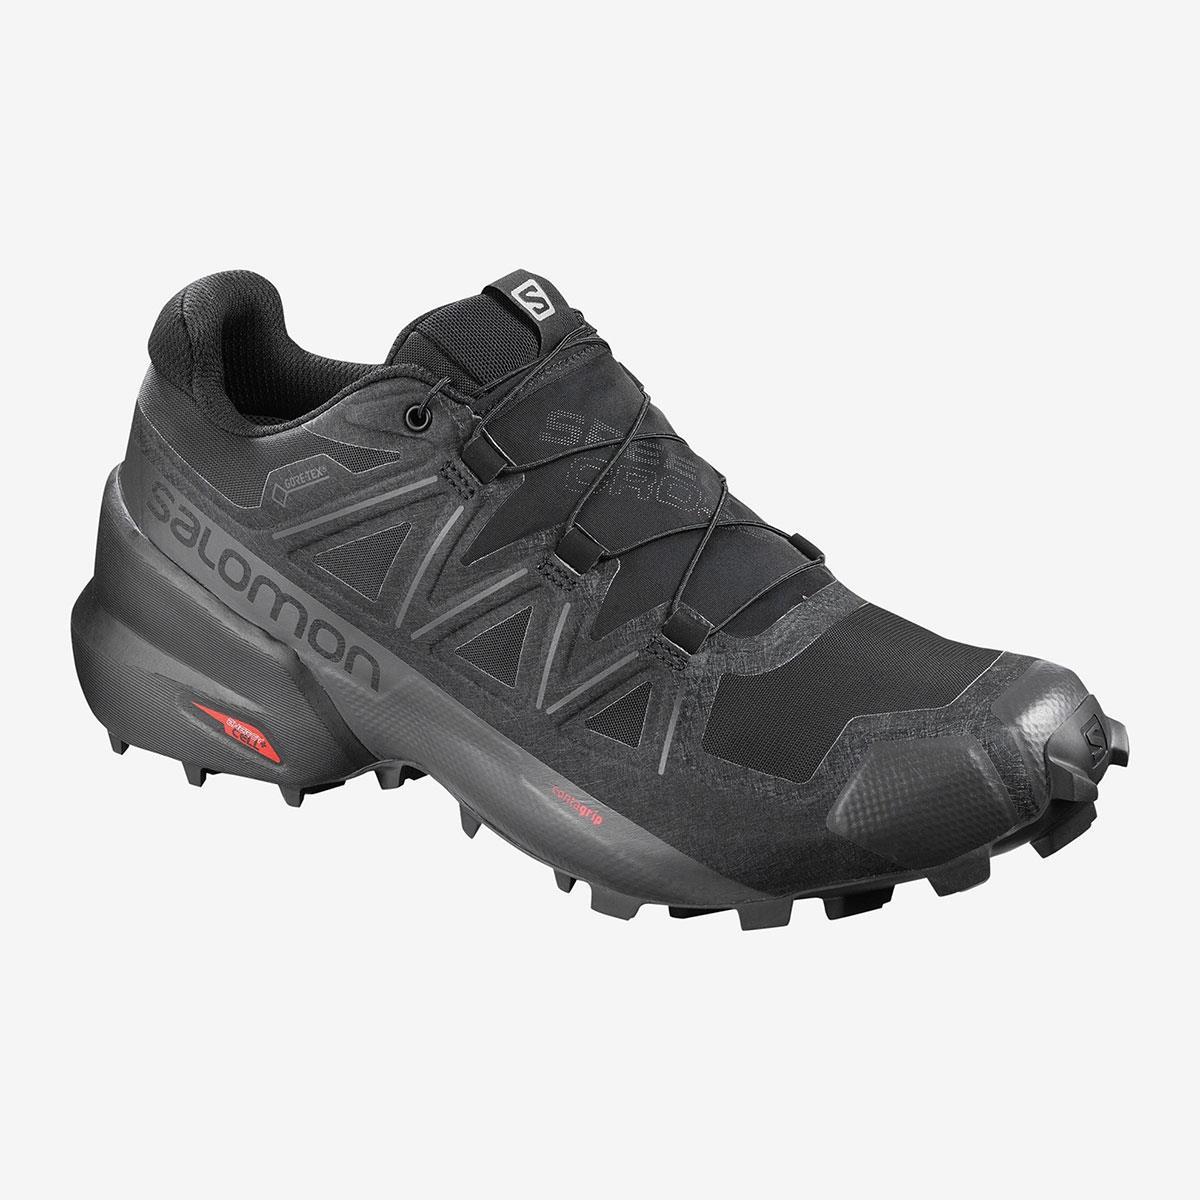 Salomon SpeedCross 5 Goretex  Koşu Ayakkabısı L40795300